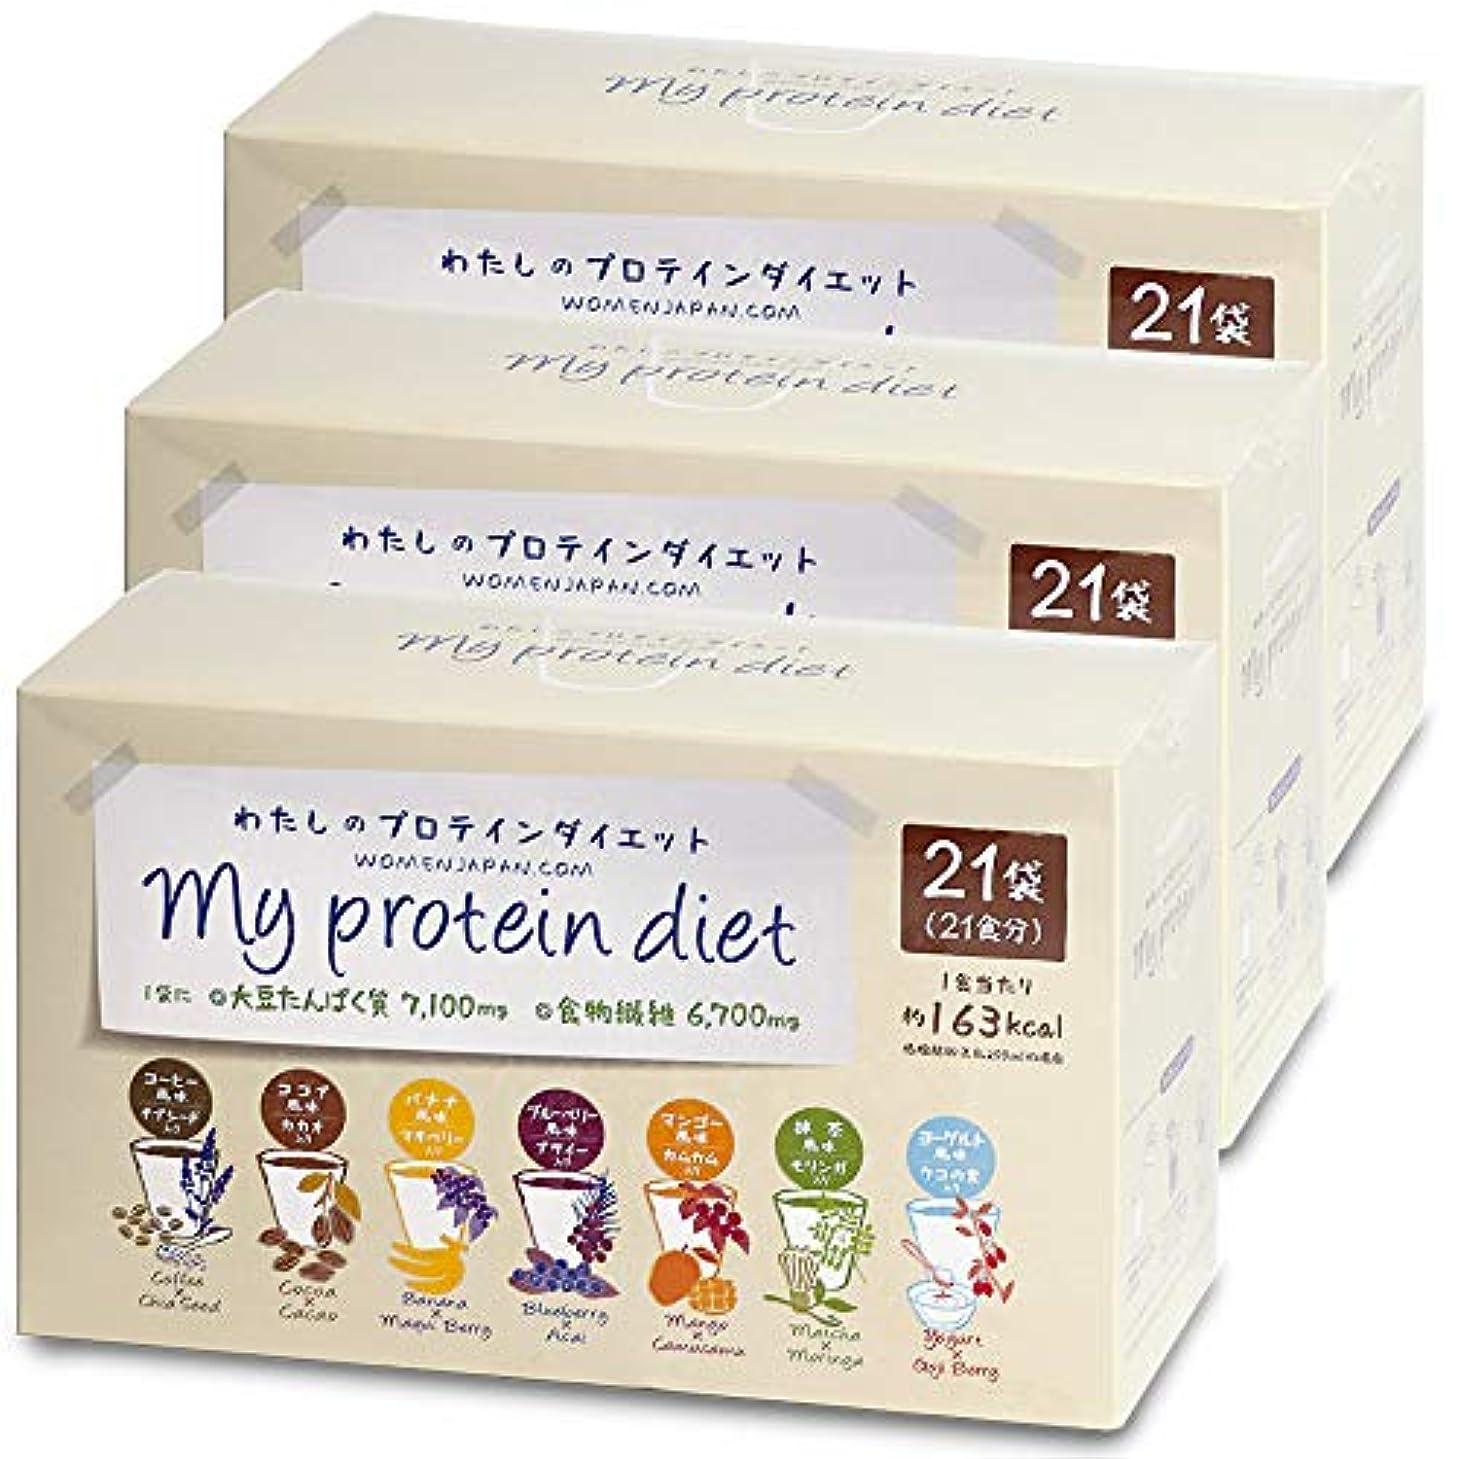 プラットフォーム深さコストわたしのプロテインダイエット 63食セット 1食置き換えダイエットシェイク 低糖質